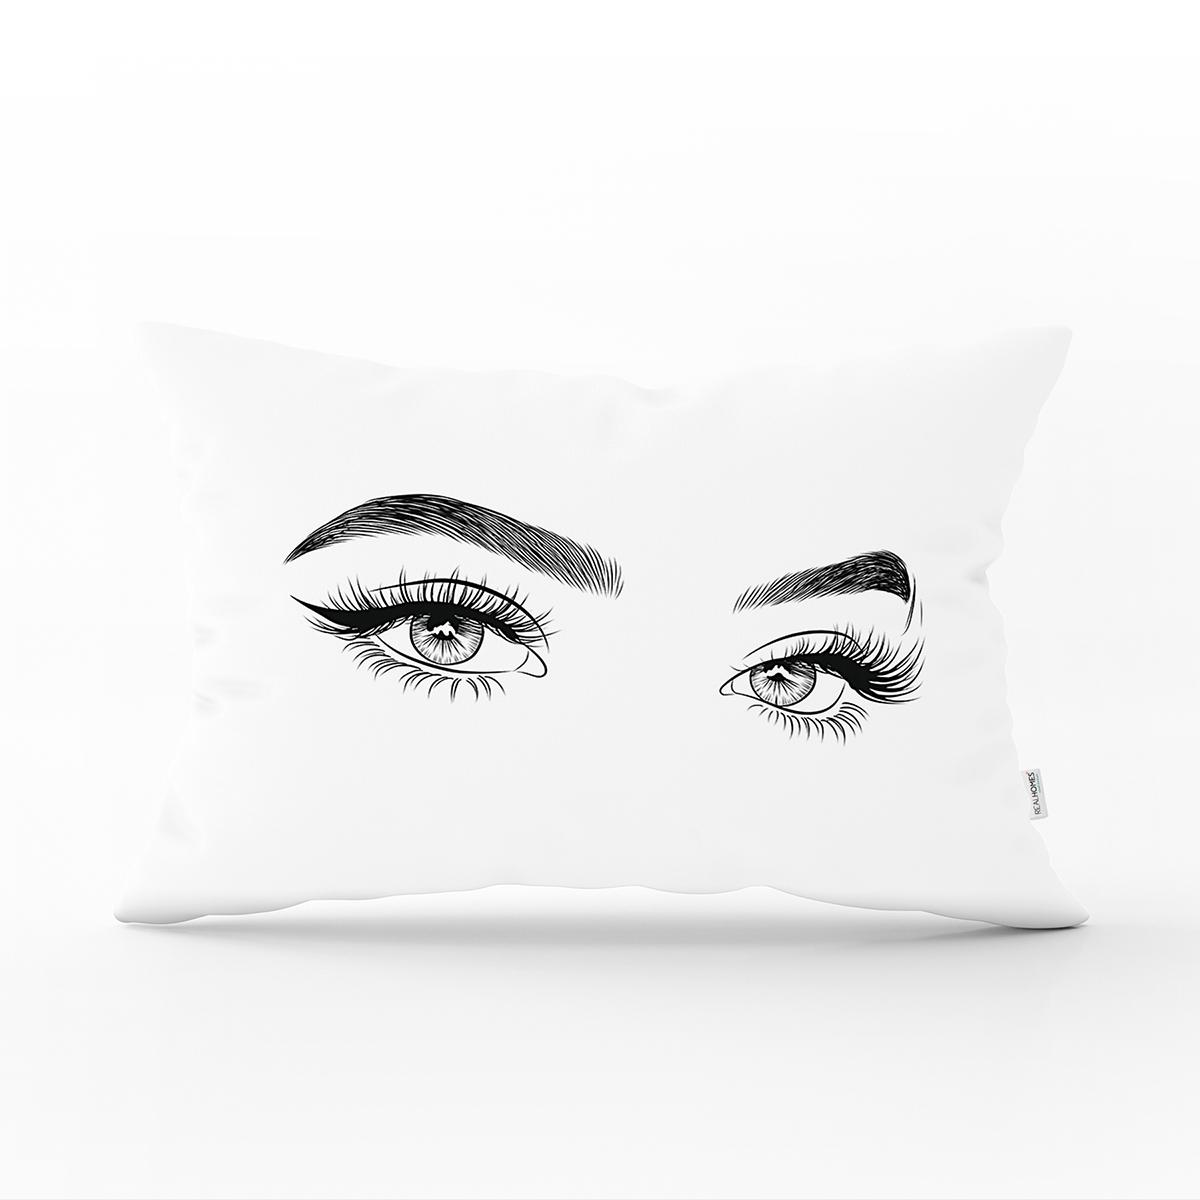 RealHomes Beyaz Zeminde Kirpik Motifli Özel Tasarım Dikdörtgen Yastık Kılıfı Realhomes